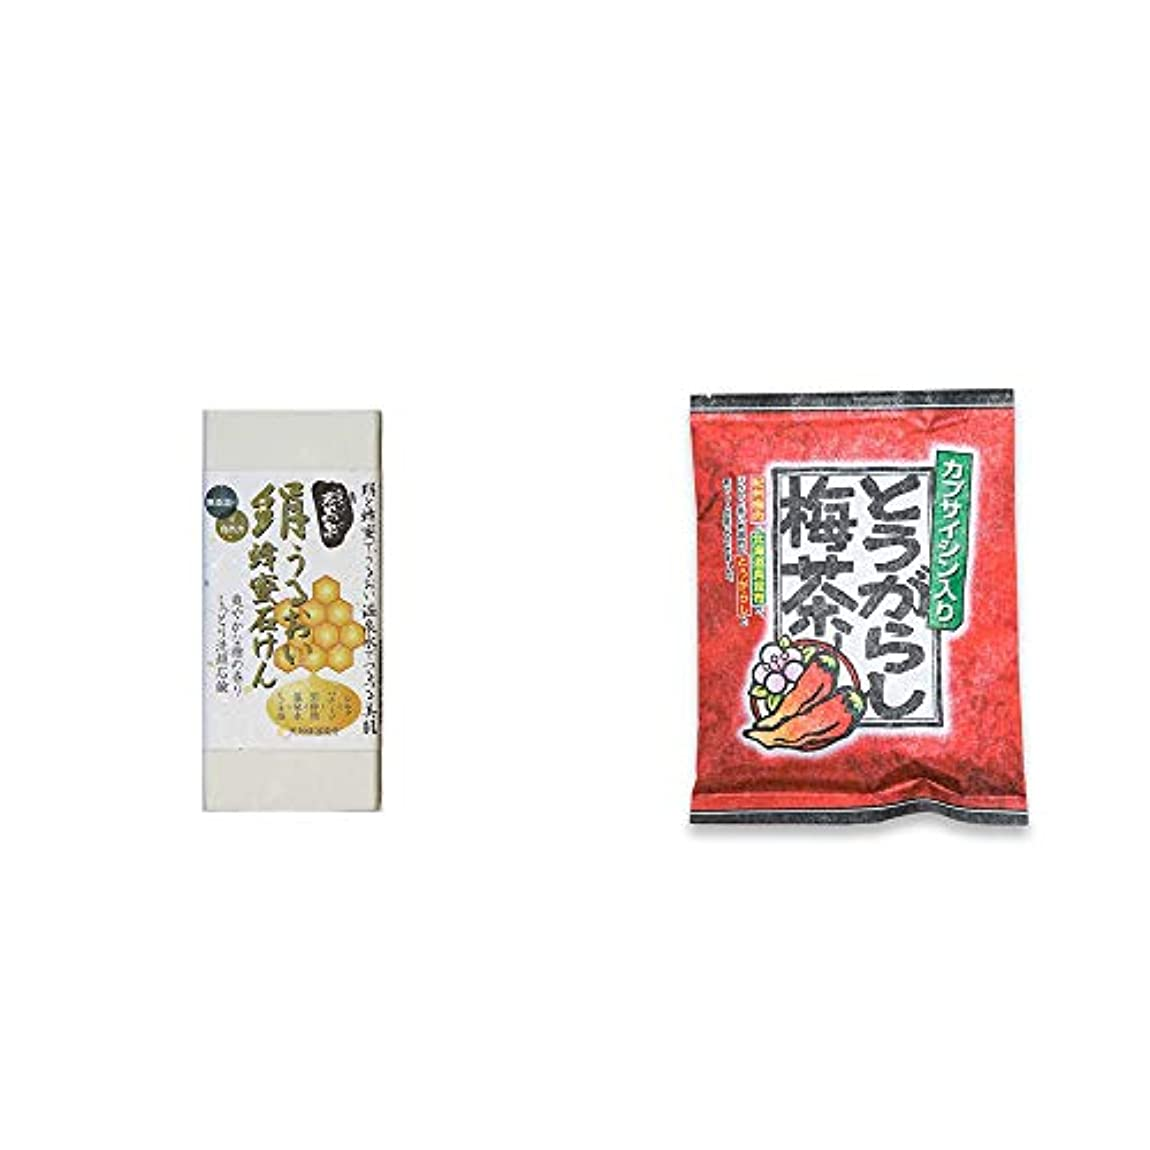 追加する誘う失礼な[2点セット] ひのき炭黒泉 絹うるおい蜂蜜石けん(75g×2)?とうがらし梅茶(24袋)